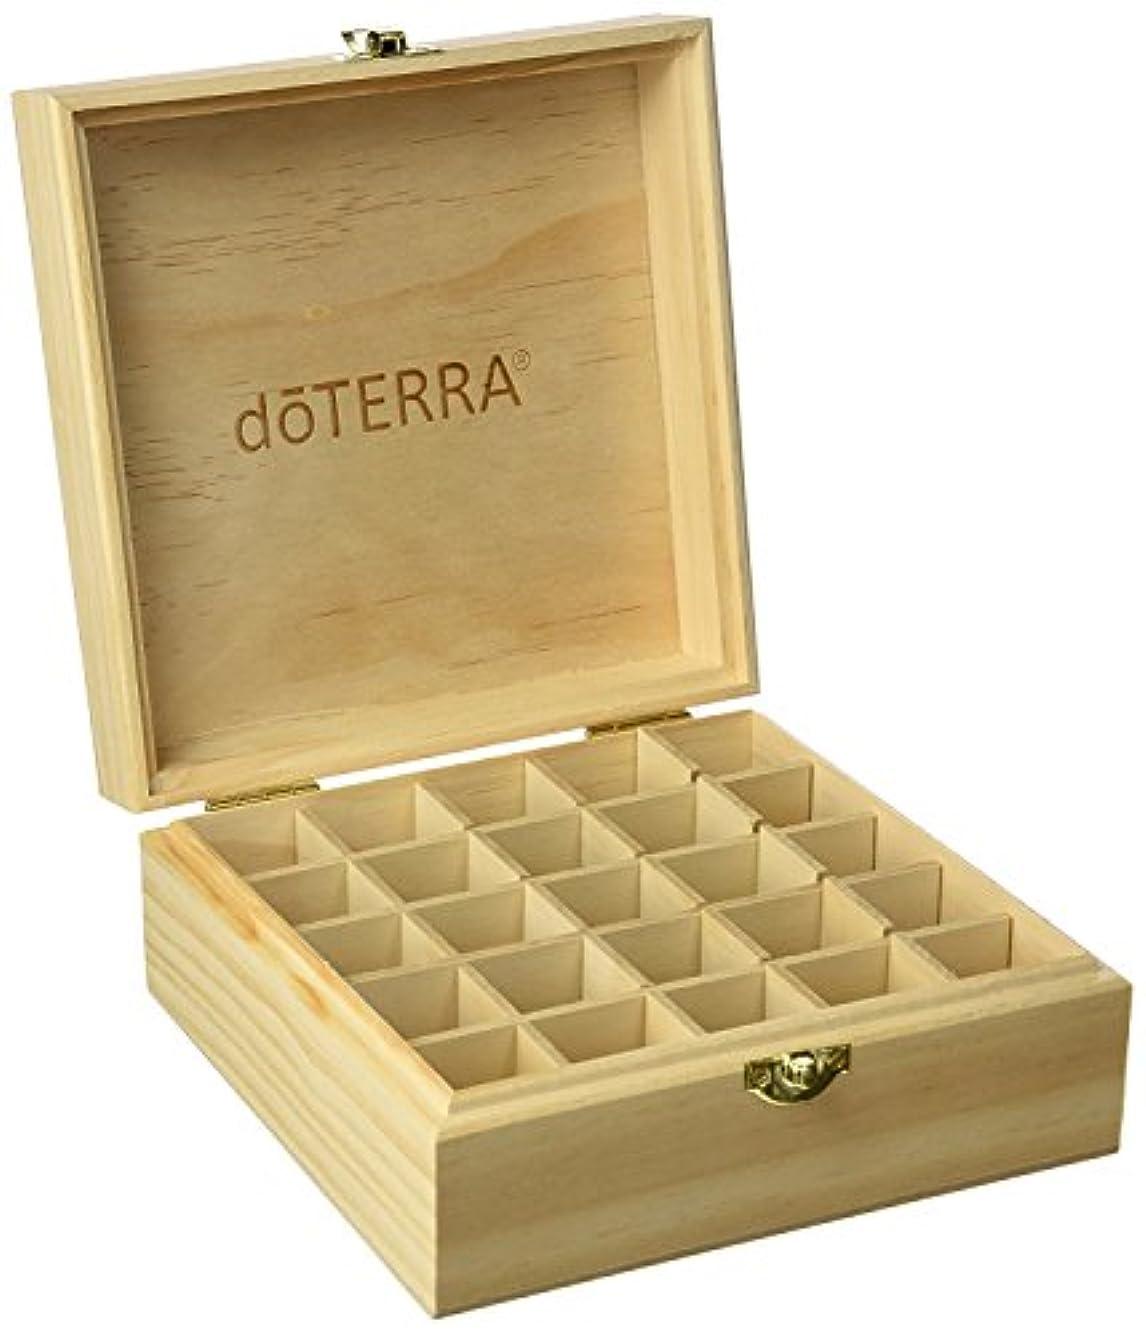 収益キャンドル堤防エッセンシャルオイル収納ボックス25本用 エッセンシャルオイルボックス 20 mlのボトルを15 mlのための25のブロックによって木製のキャビネット